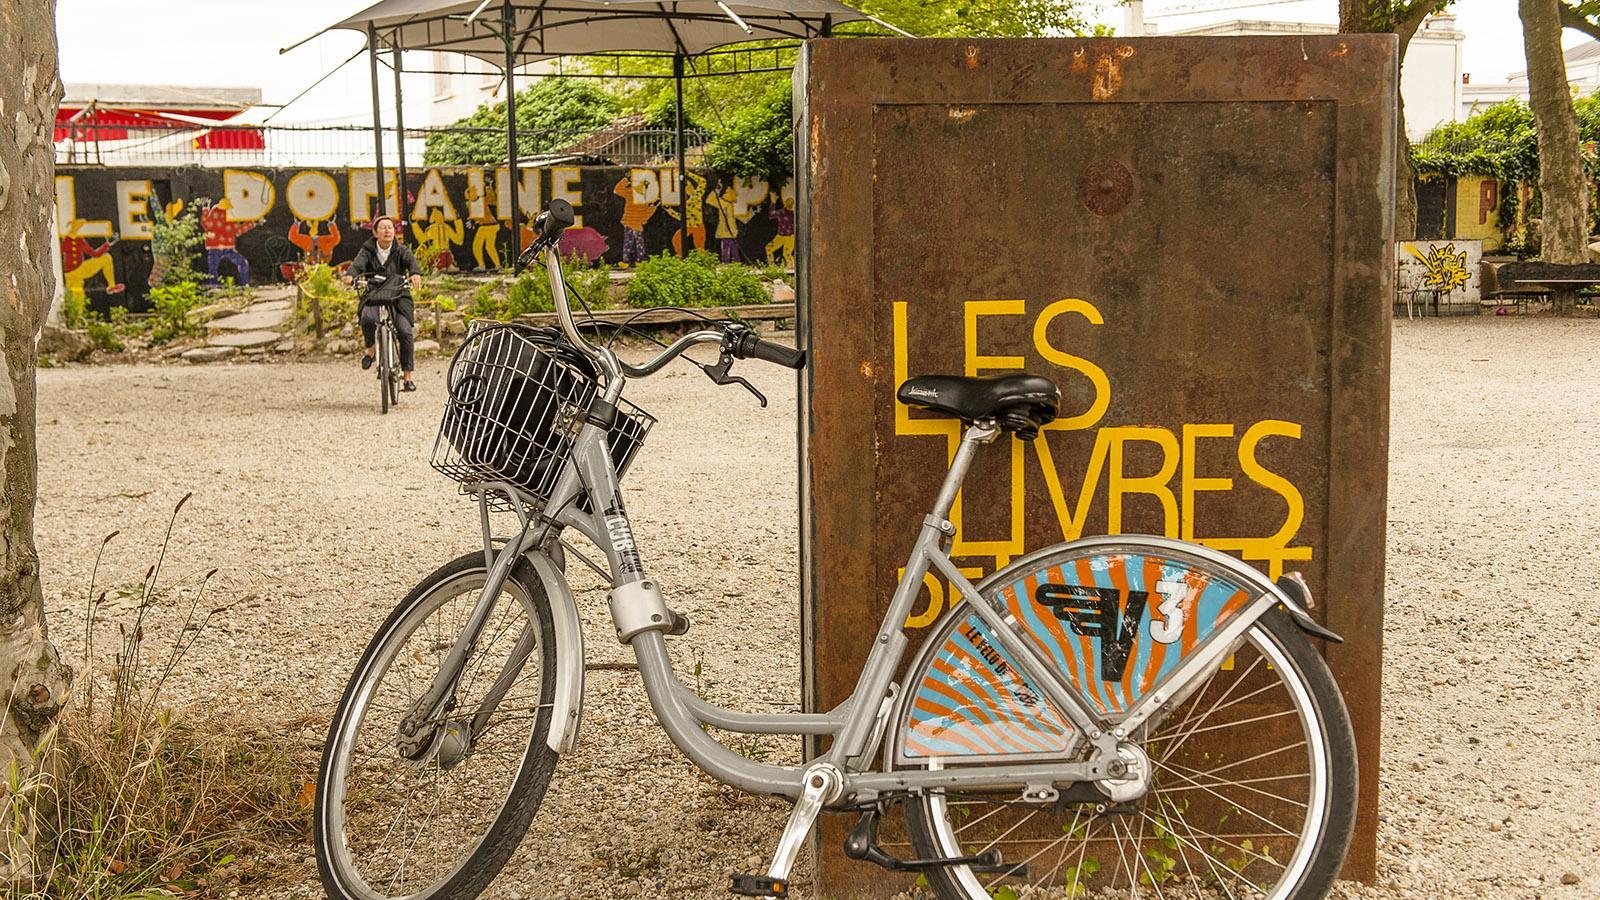 Bordeaux: Wortspiel Livres/Vivres de l'Art. Foto: Hilke Maunder